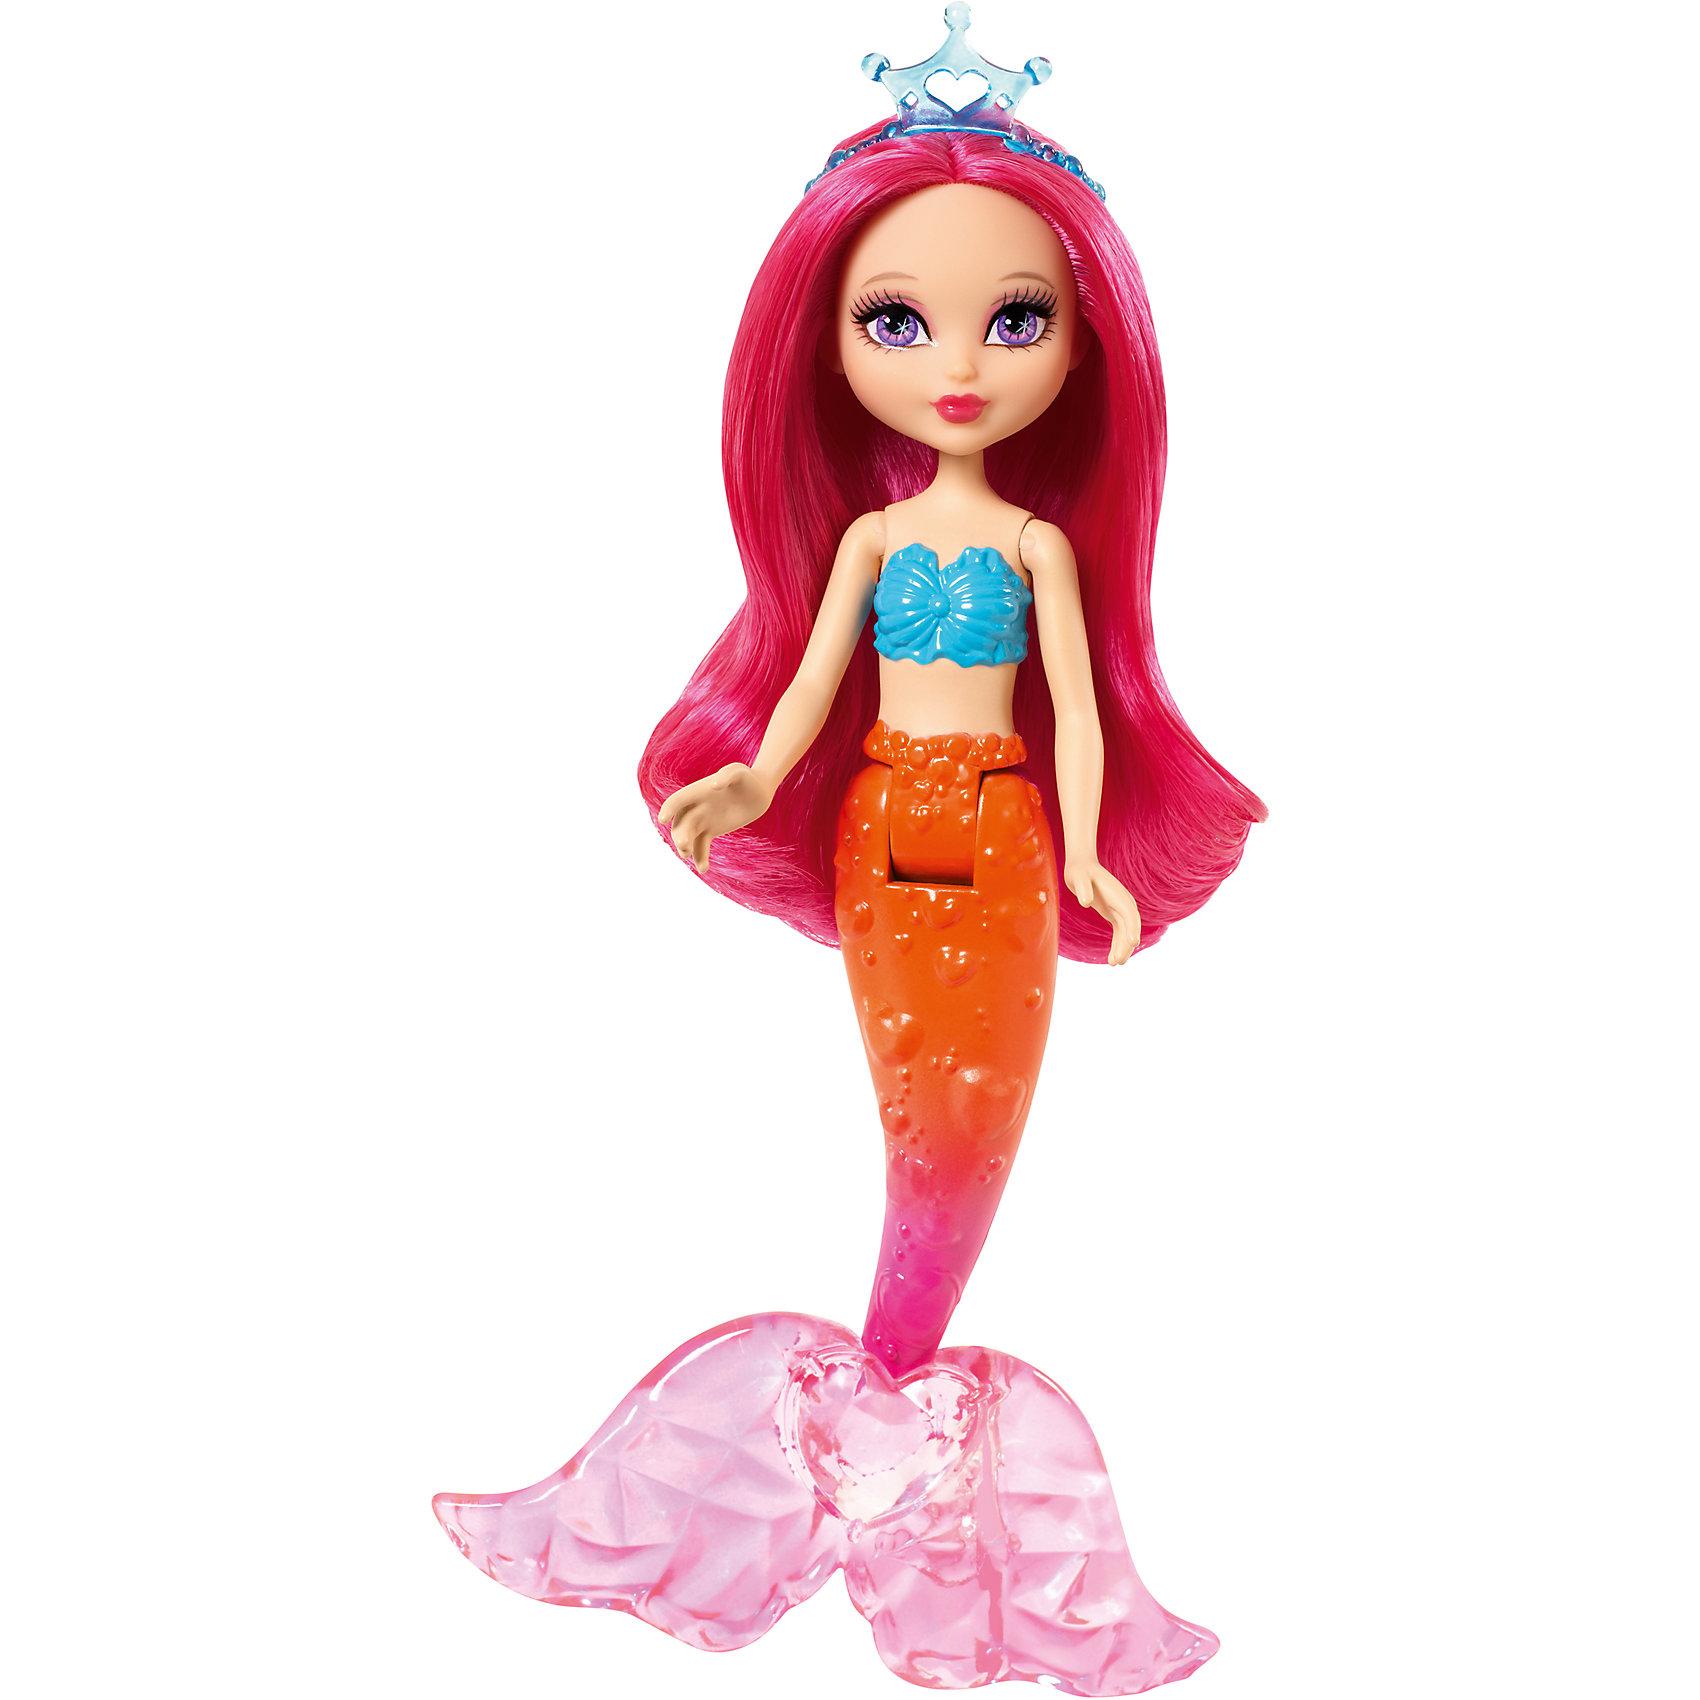 Русалочка, BarbieБарби Русалочка - это очень красивая кукла в с блестящими длинными волосами, которые можно расчесывать. У кукол подвижные руки, хвост, а голова поворачивается из стороны в сторону. Это отличный вариант подарка для любительницы кукол Барби. <br>Такие игрушки помогают развить мелкую моторику, логическое мышление и воображение ребенка. Эта игрушка выполнена из высококачественного прочного пластика, безопасного для детей, отлично детализирована.<br><br>Дополнительная информация:<br><br>цвет: разноцветный;<br>материал: пластик;<br>высота: 15 см;<br>размер упаковки: 21,5 x 12,5 x 4,5 см ;<br>вес: 135 г.<br><br>Куклу Русалочка, Barbie от компании Mattel можно купить в нашем магазине.<br><br>Ширина мм: 215<br>Глубина мм: 125<br>Высота мм: 45<br>Вес г: 135<br>Возраст от месяцев: 36<br>Возраст до месяцев: 72<br>Пол: Женский<br>Возраст: Детский<br>SKU: 4791104